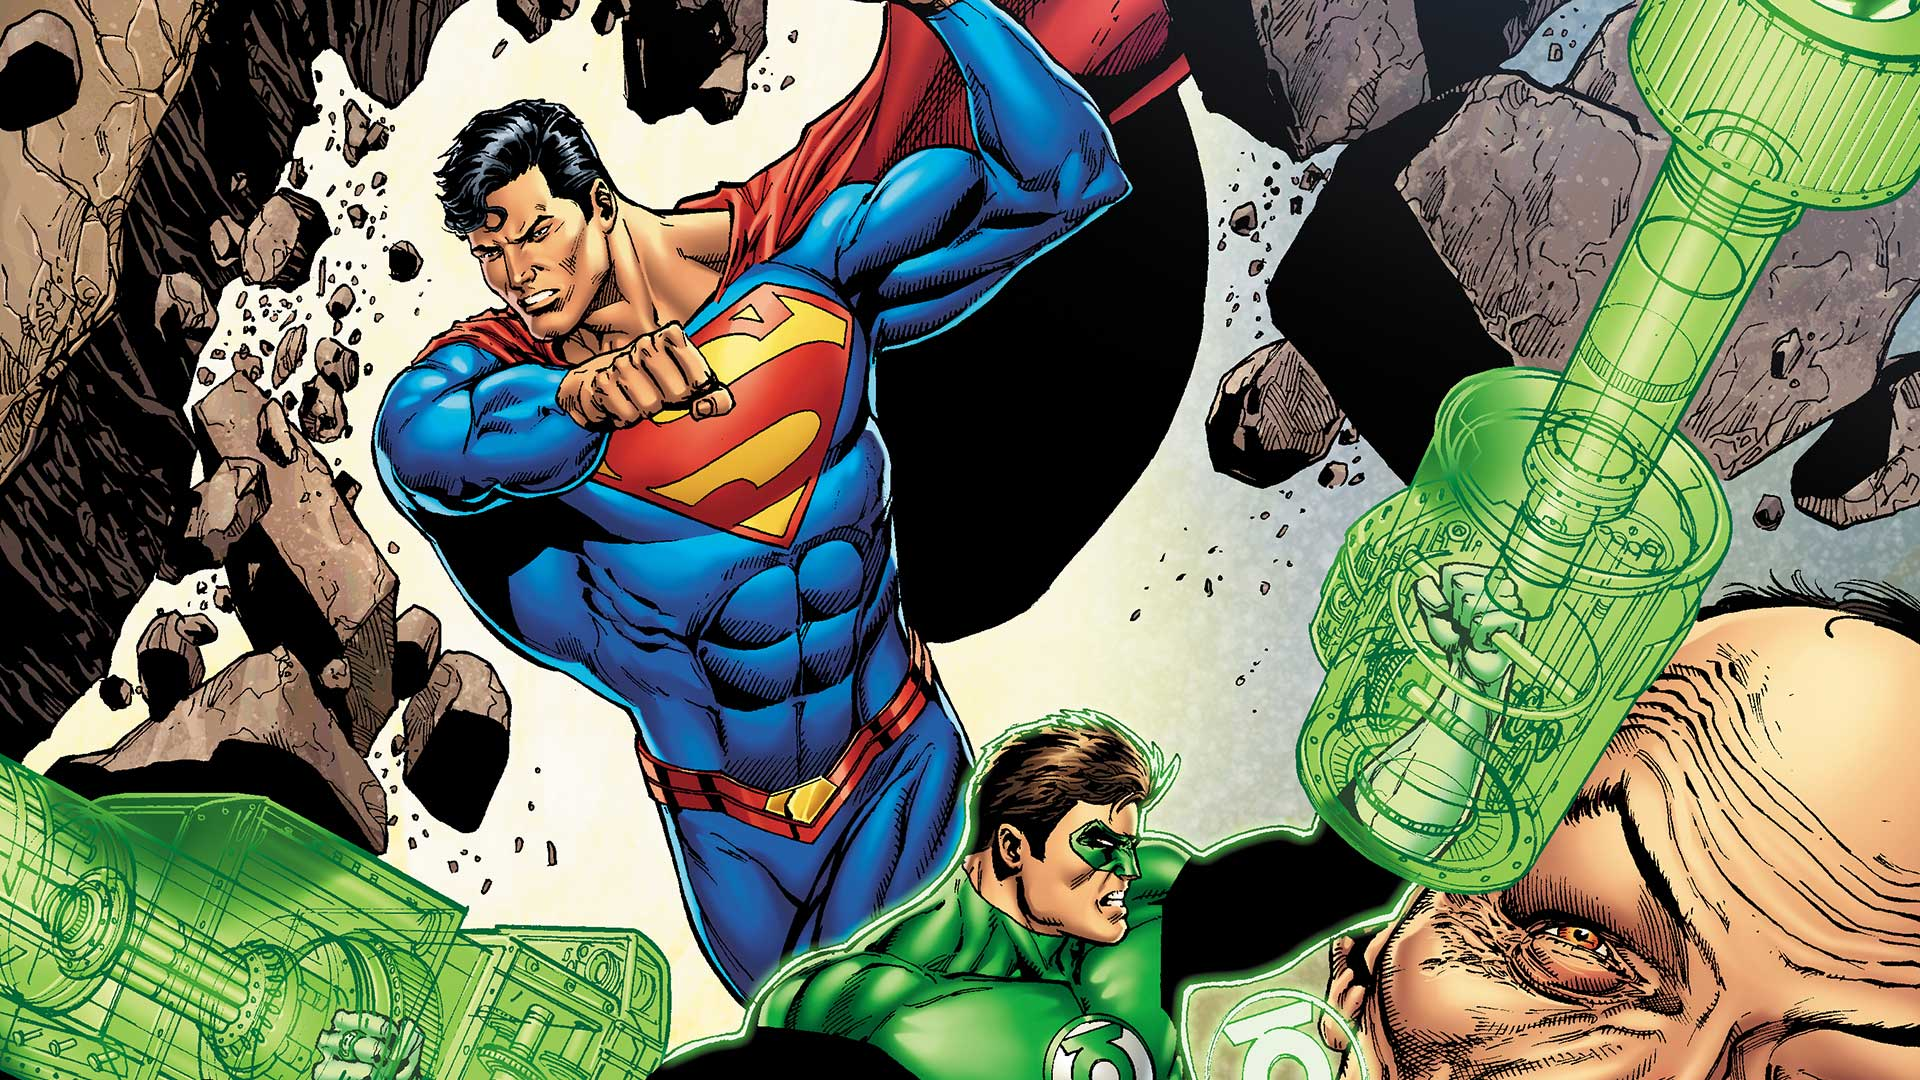 Superman & Lanterna Verde : Simplicidade e uma boa história